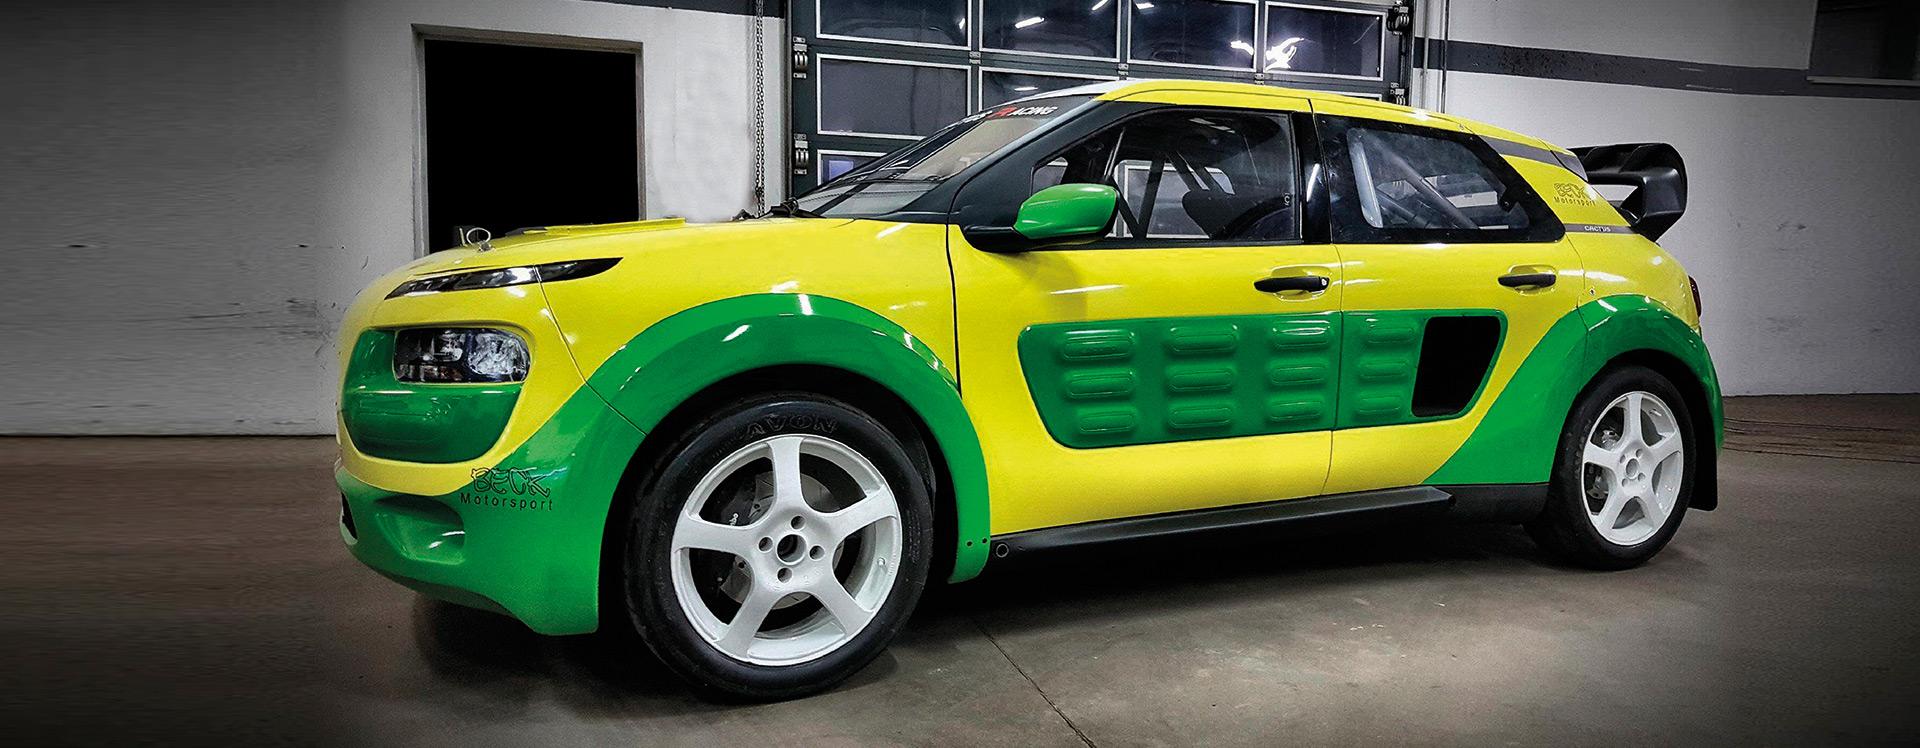 Beck Racing Car